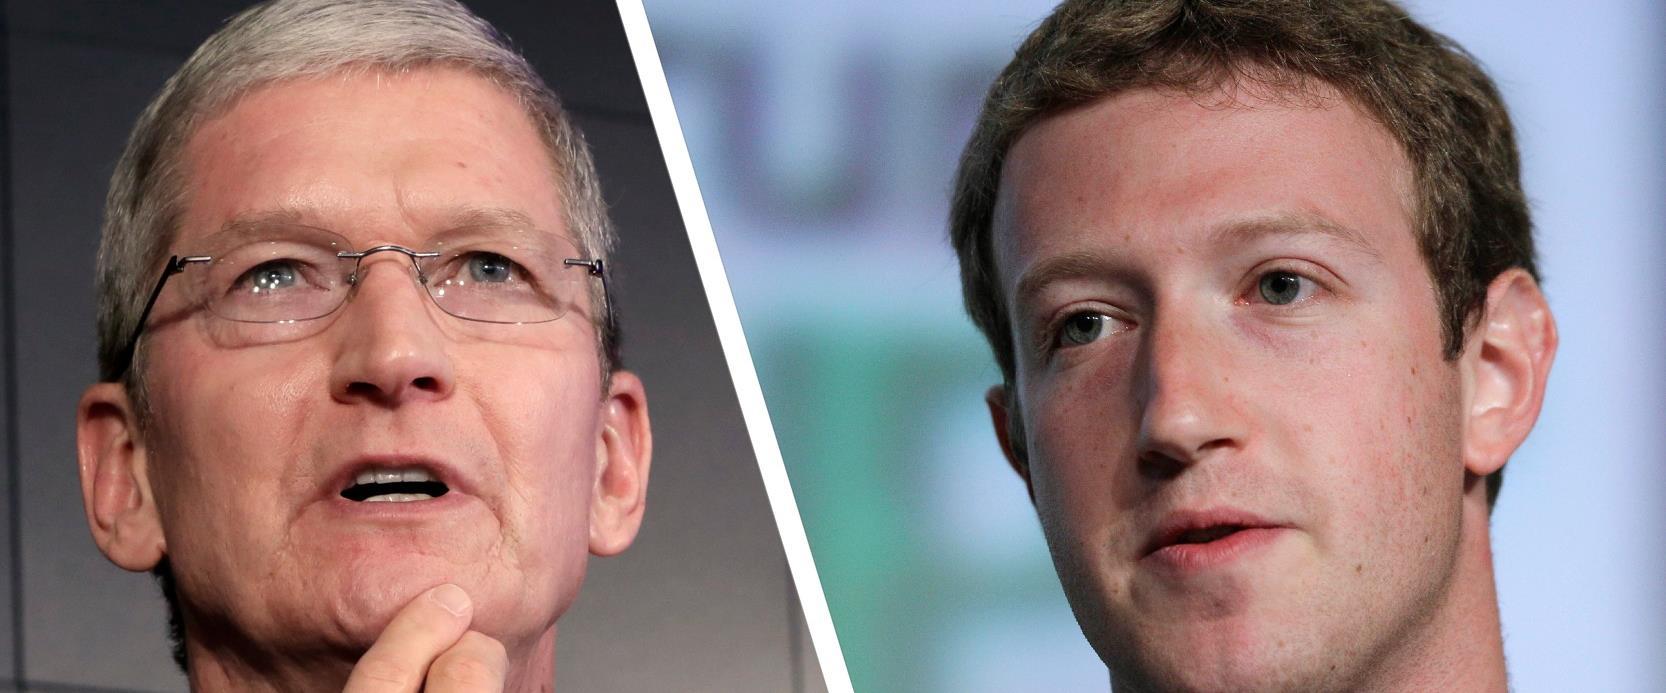 מנגלי פייסבוק ואפל